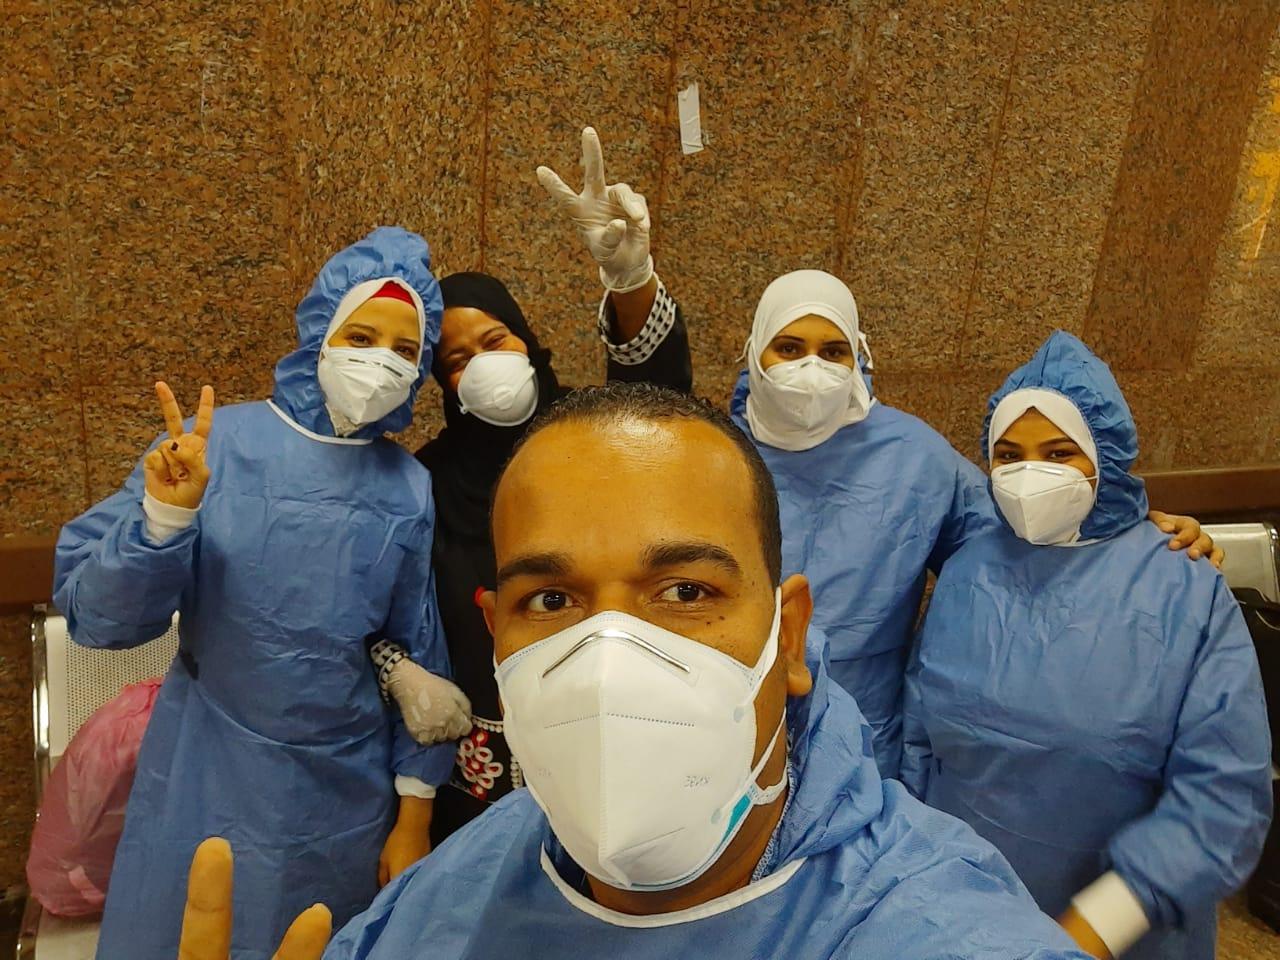 مستشفى الأقصر العام تشهد خروج 10 حالات بعد شفاؤهم من فيروس كورونا (1)